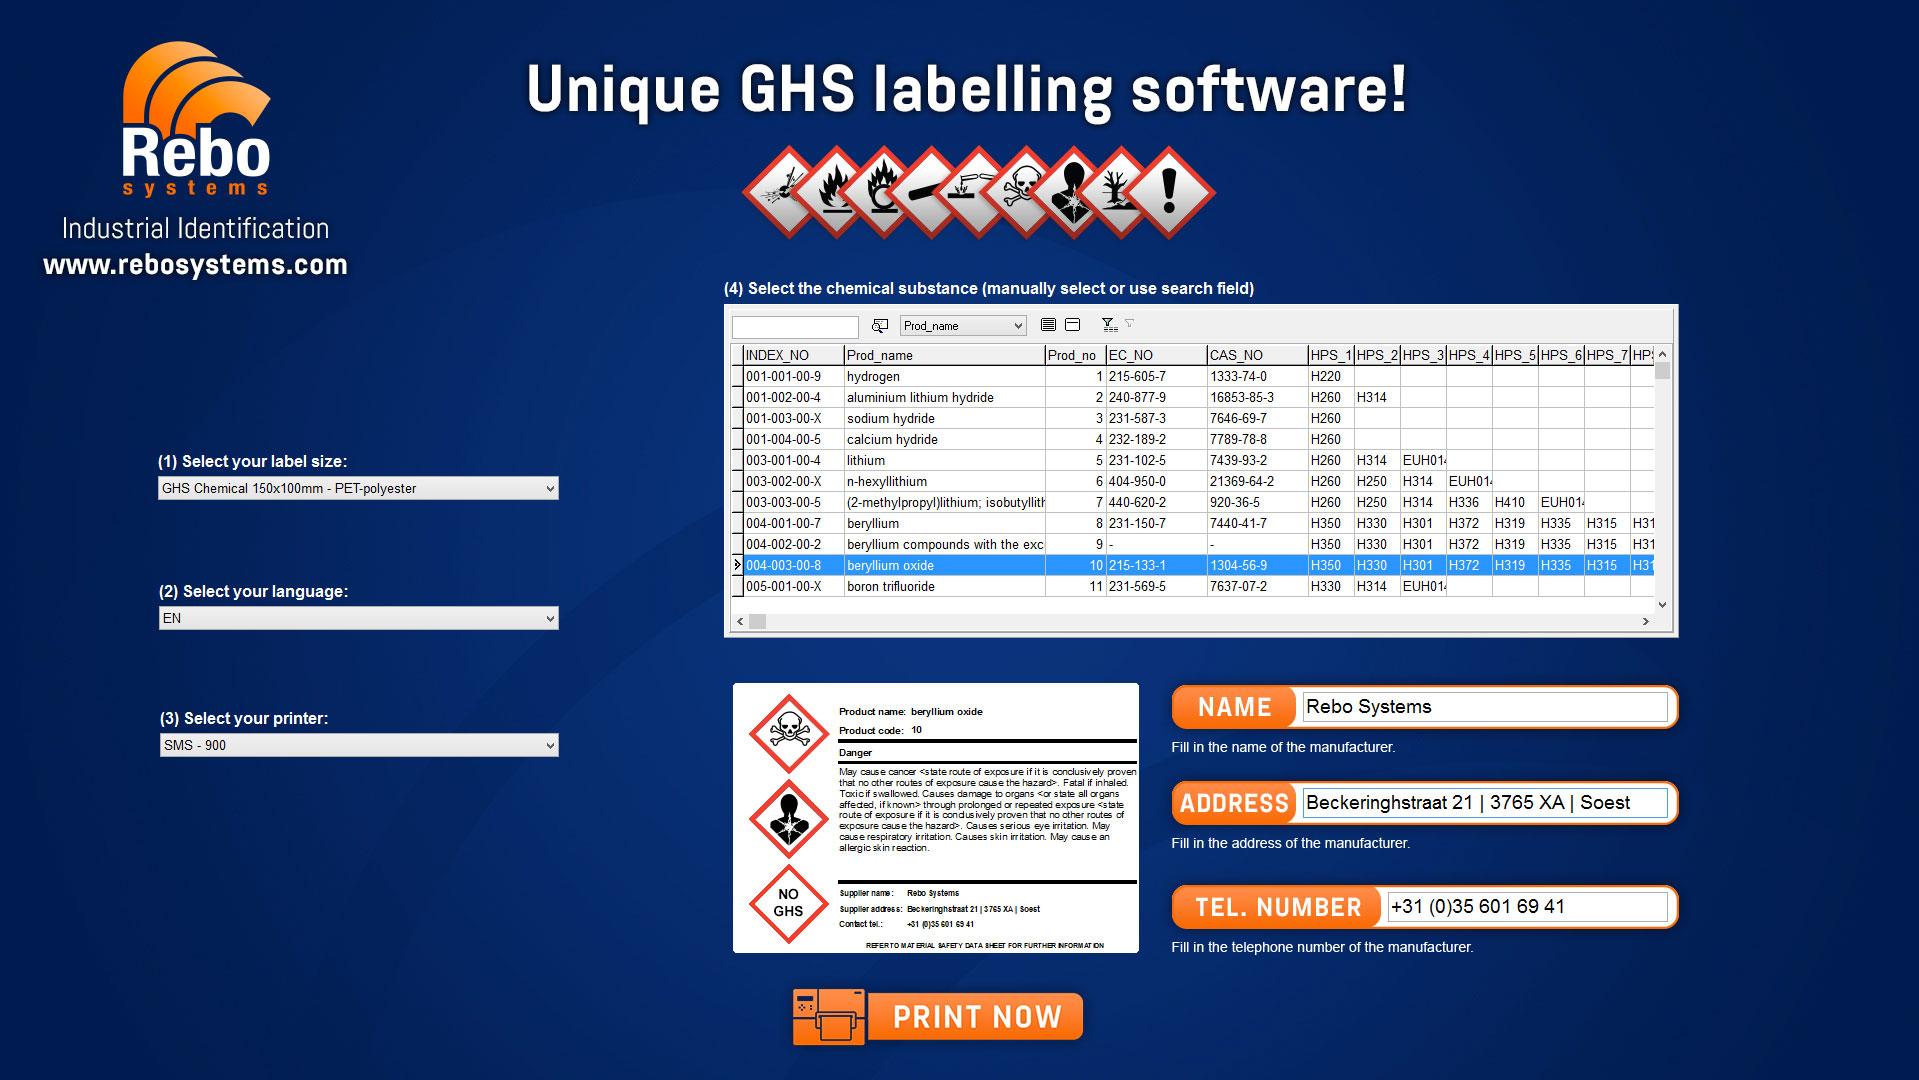 GHS label software